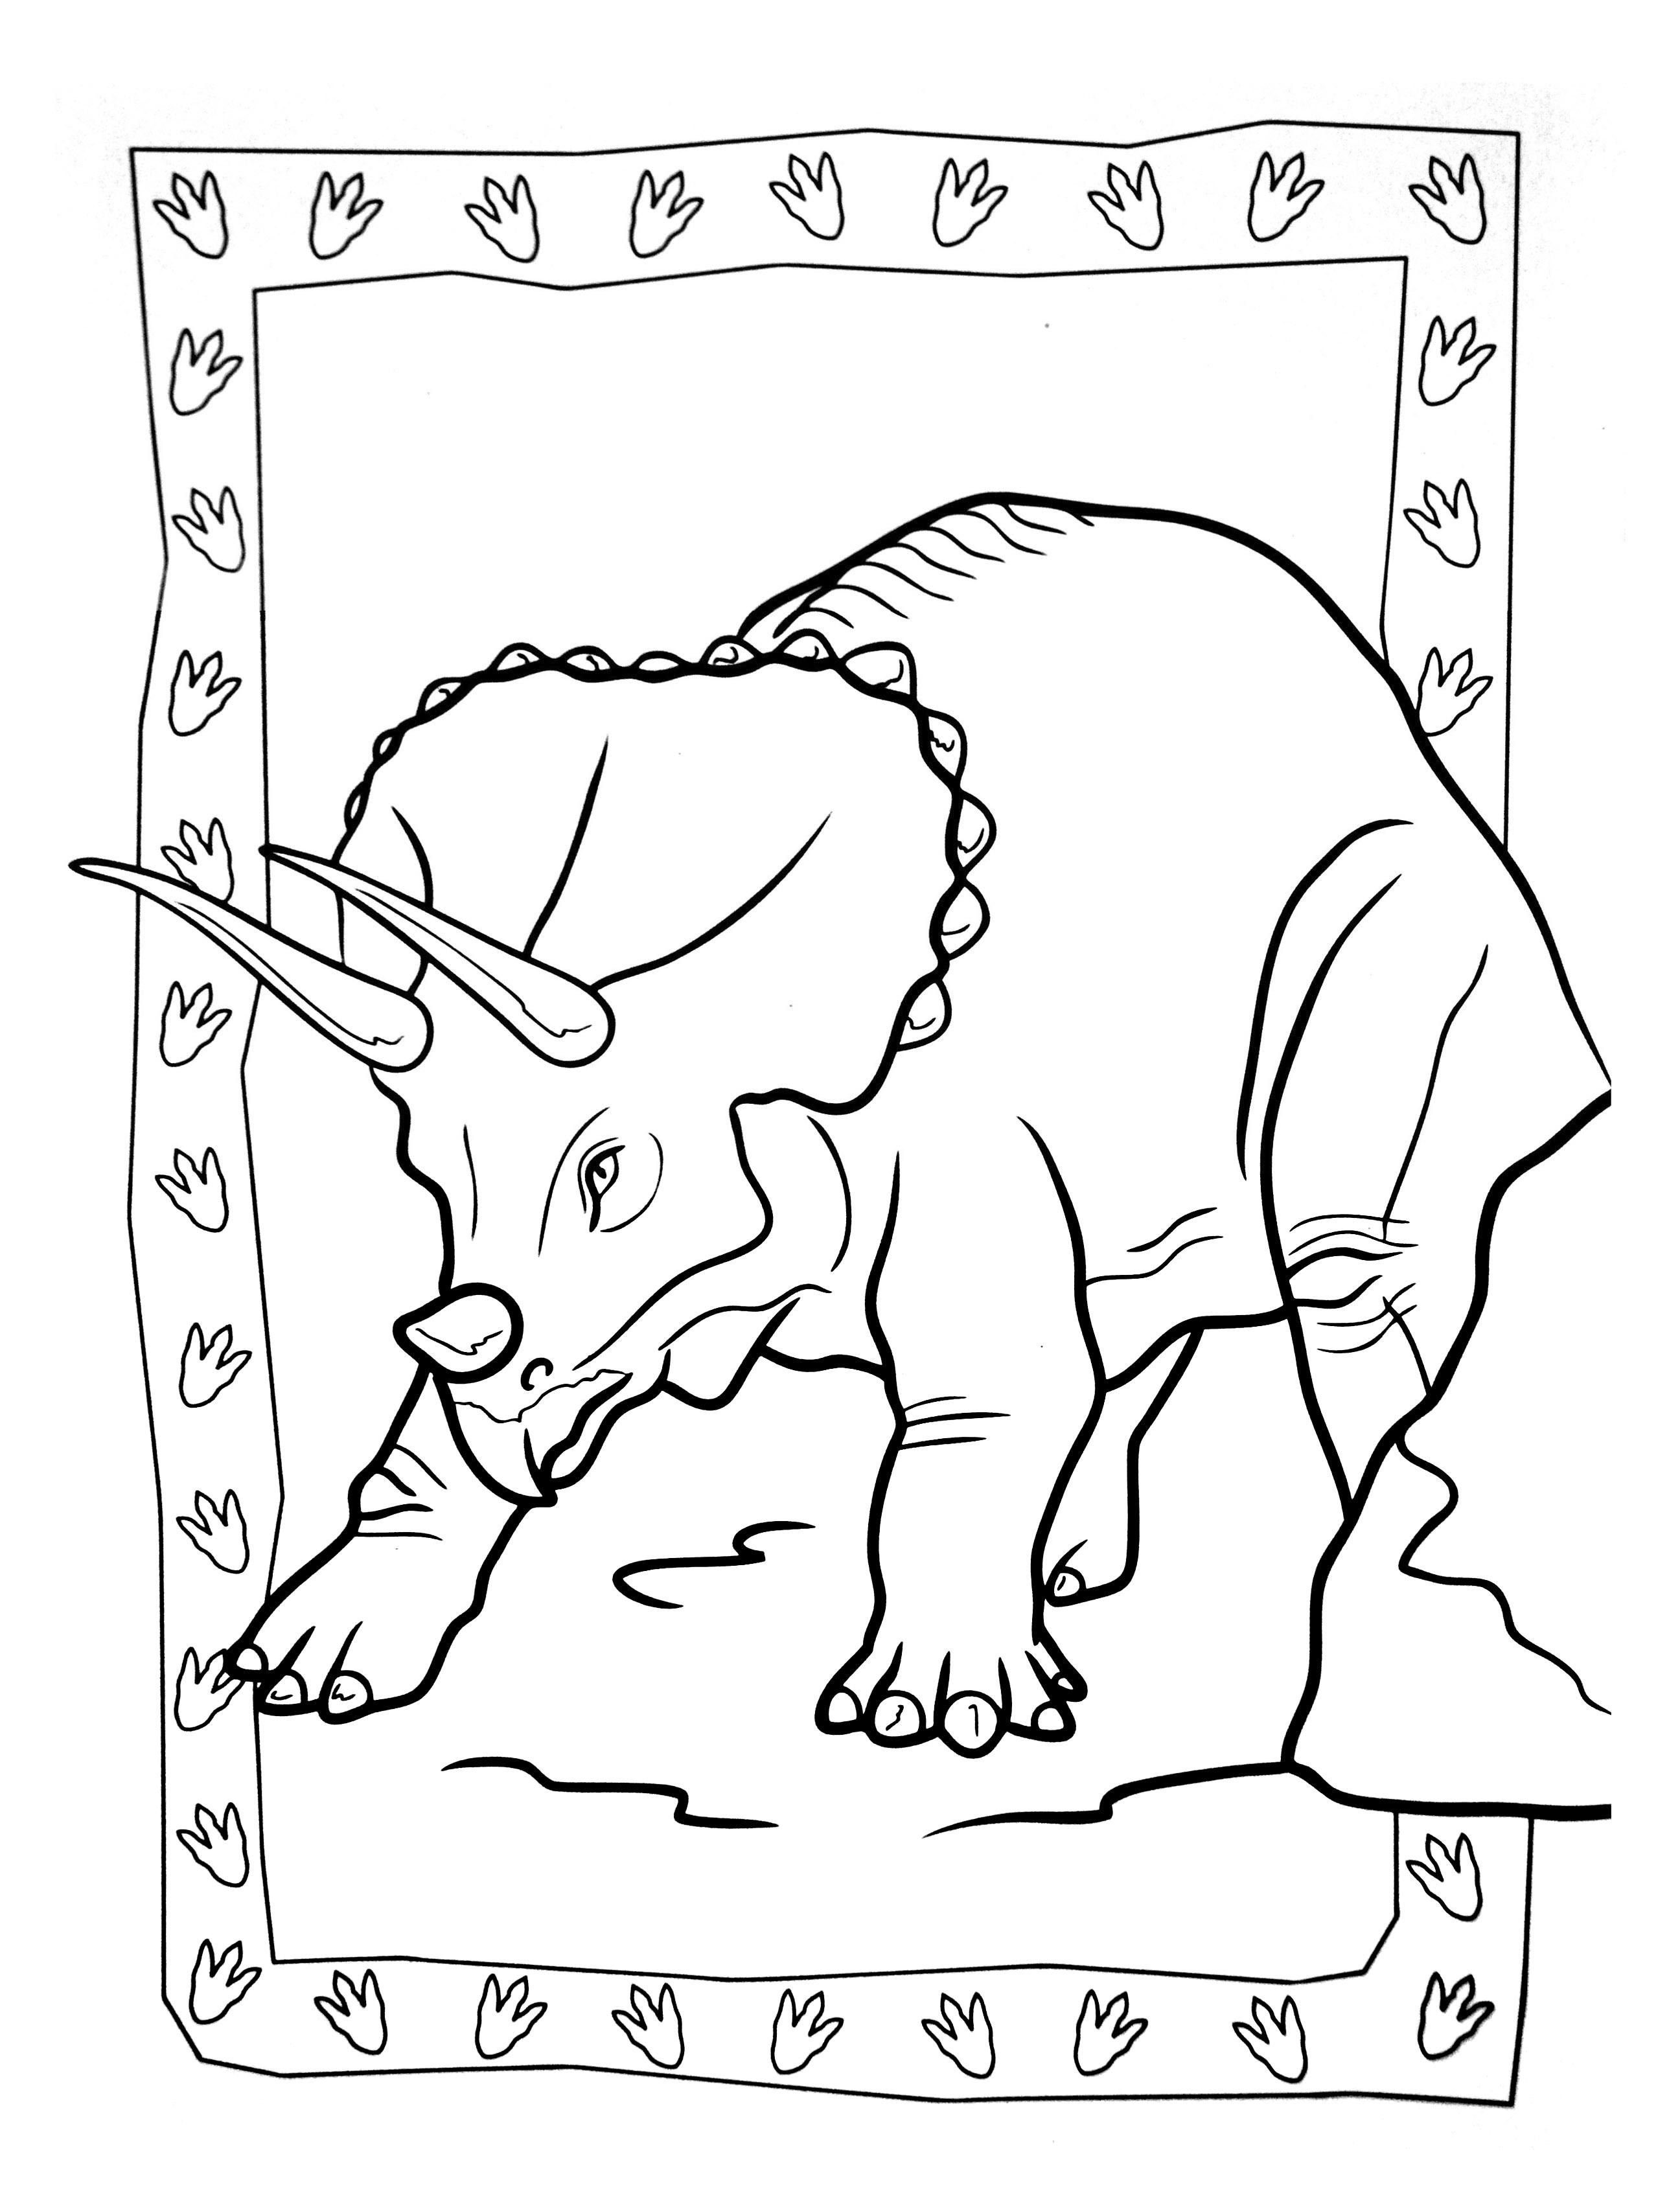 A imprimer dinosaure 6 coloriages de dinosaures - Coloriage a imprimer dinosaure ...